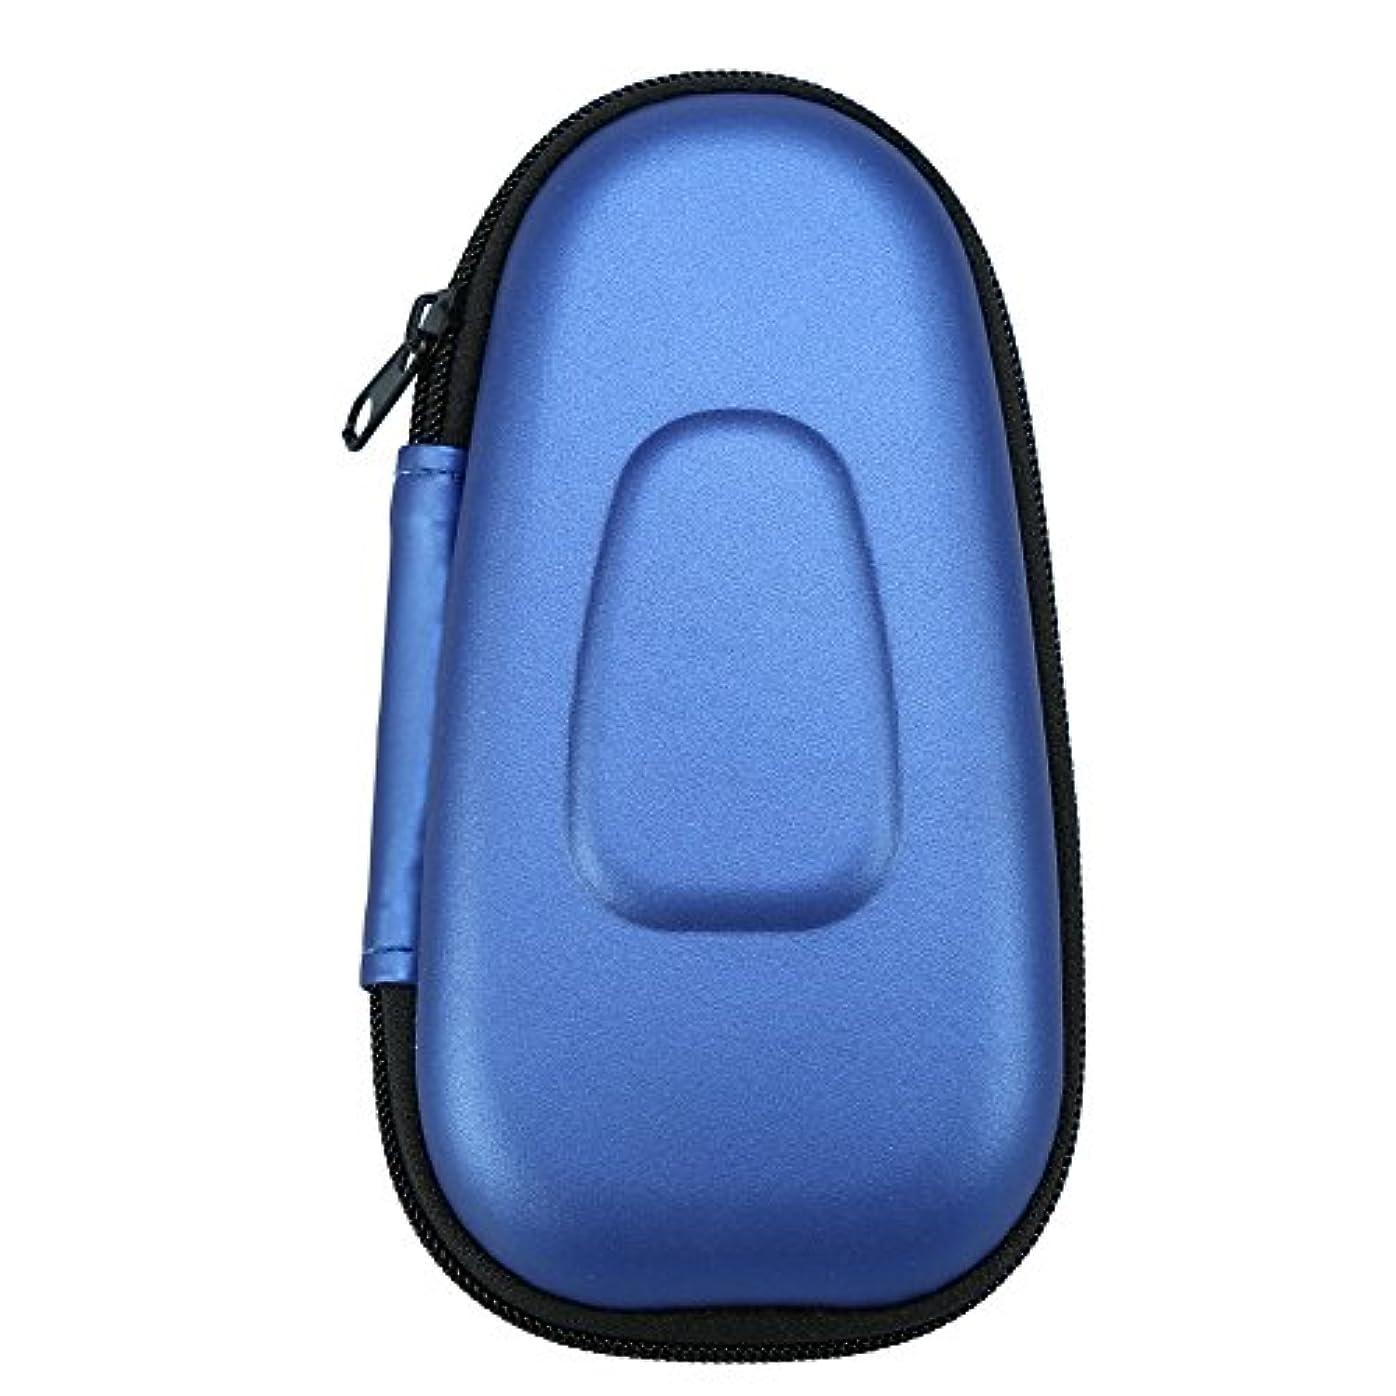 期待する壮大電気的シェーバー収納用ケース、保護用持ち運び用ダブルブレード電動シェーバーハードEVAキャリーバッグ(青)